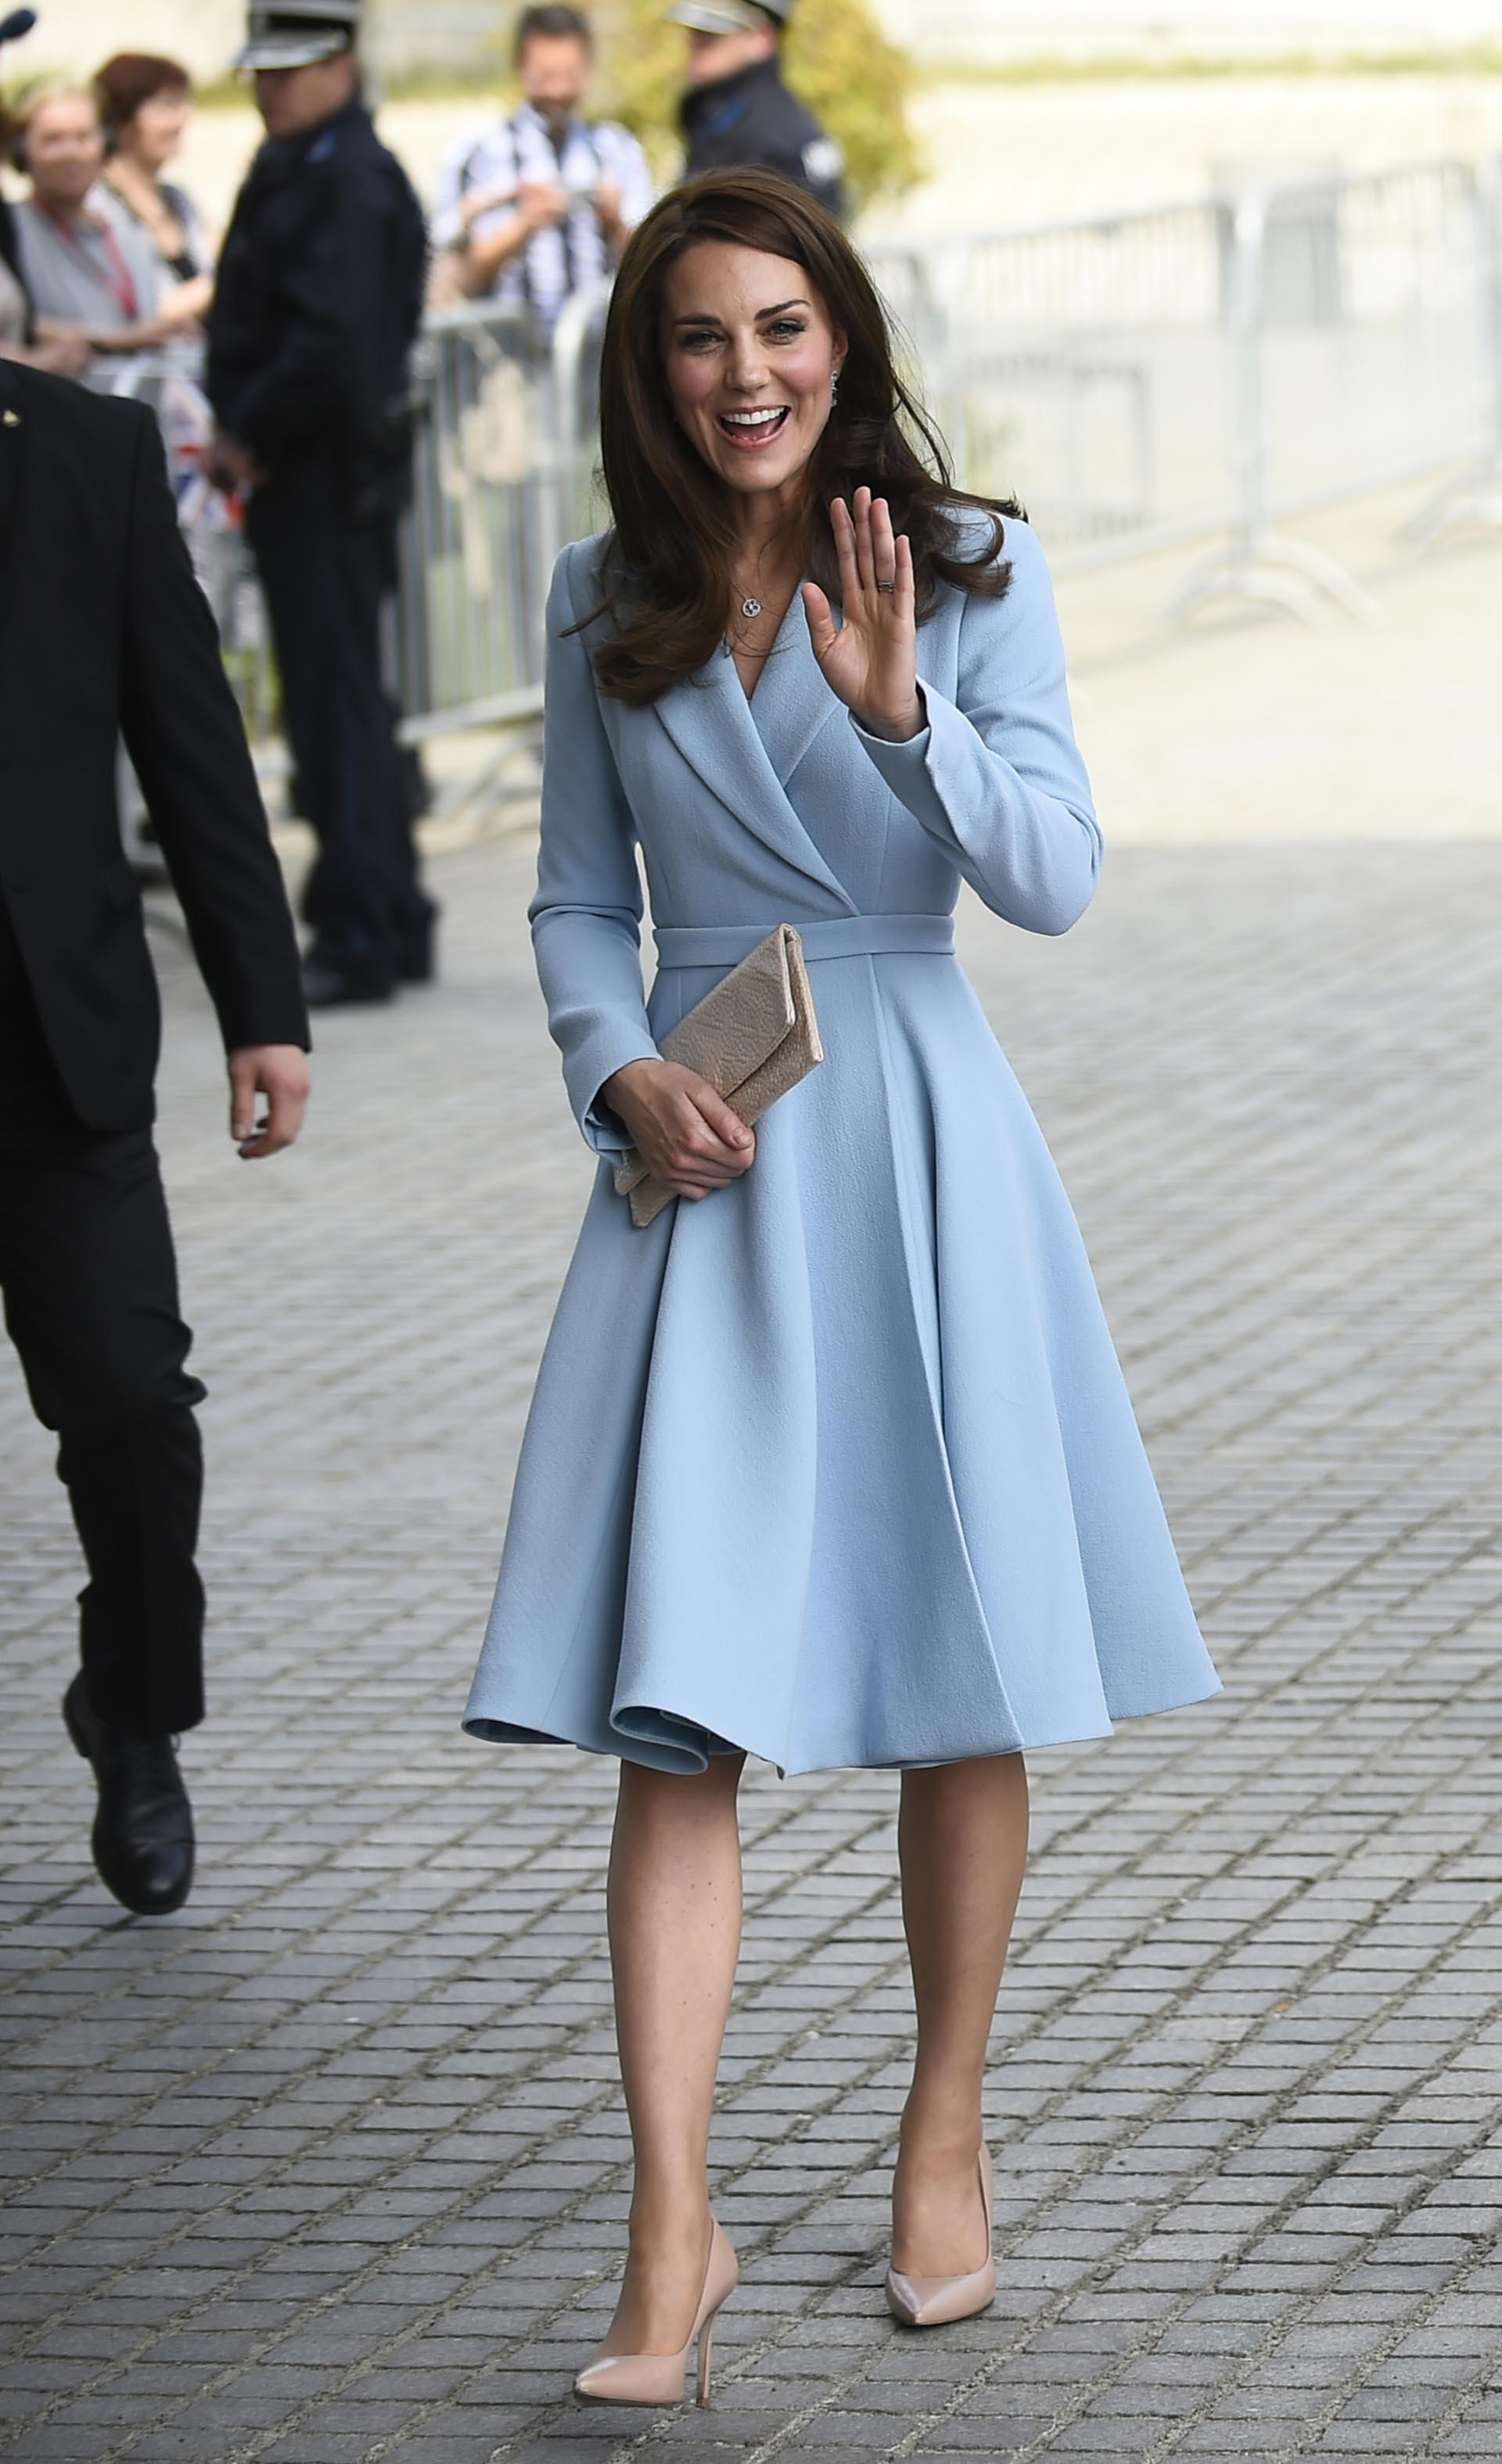 Catalina lució impactante con este elegante vestido celeste empolvado, que destacaba su pequeña cintura